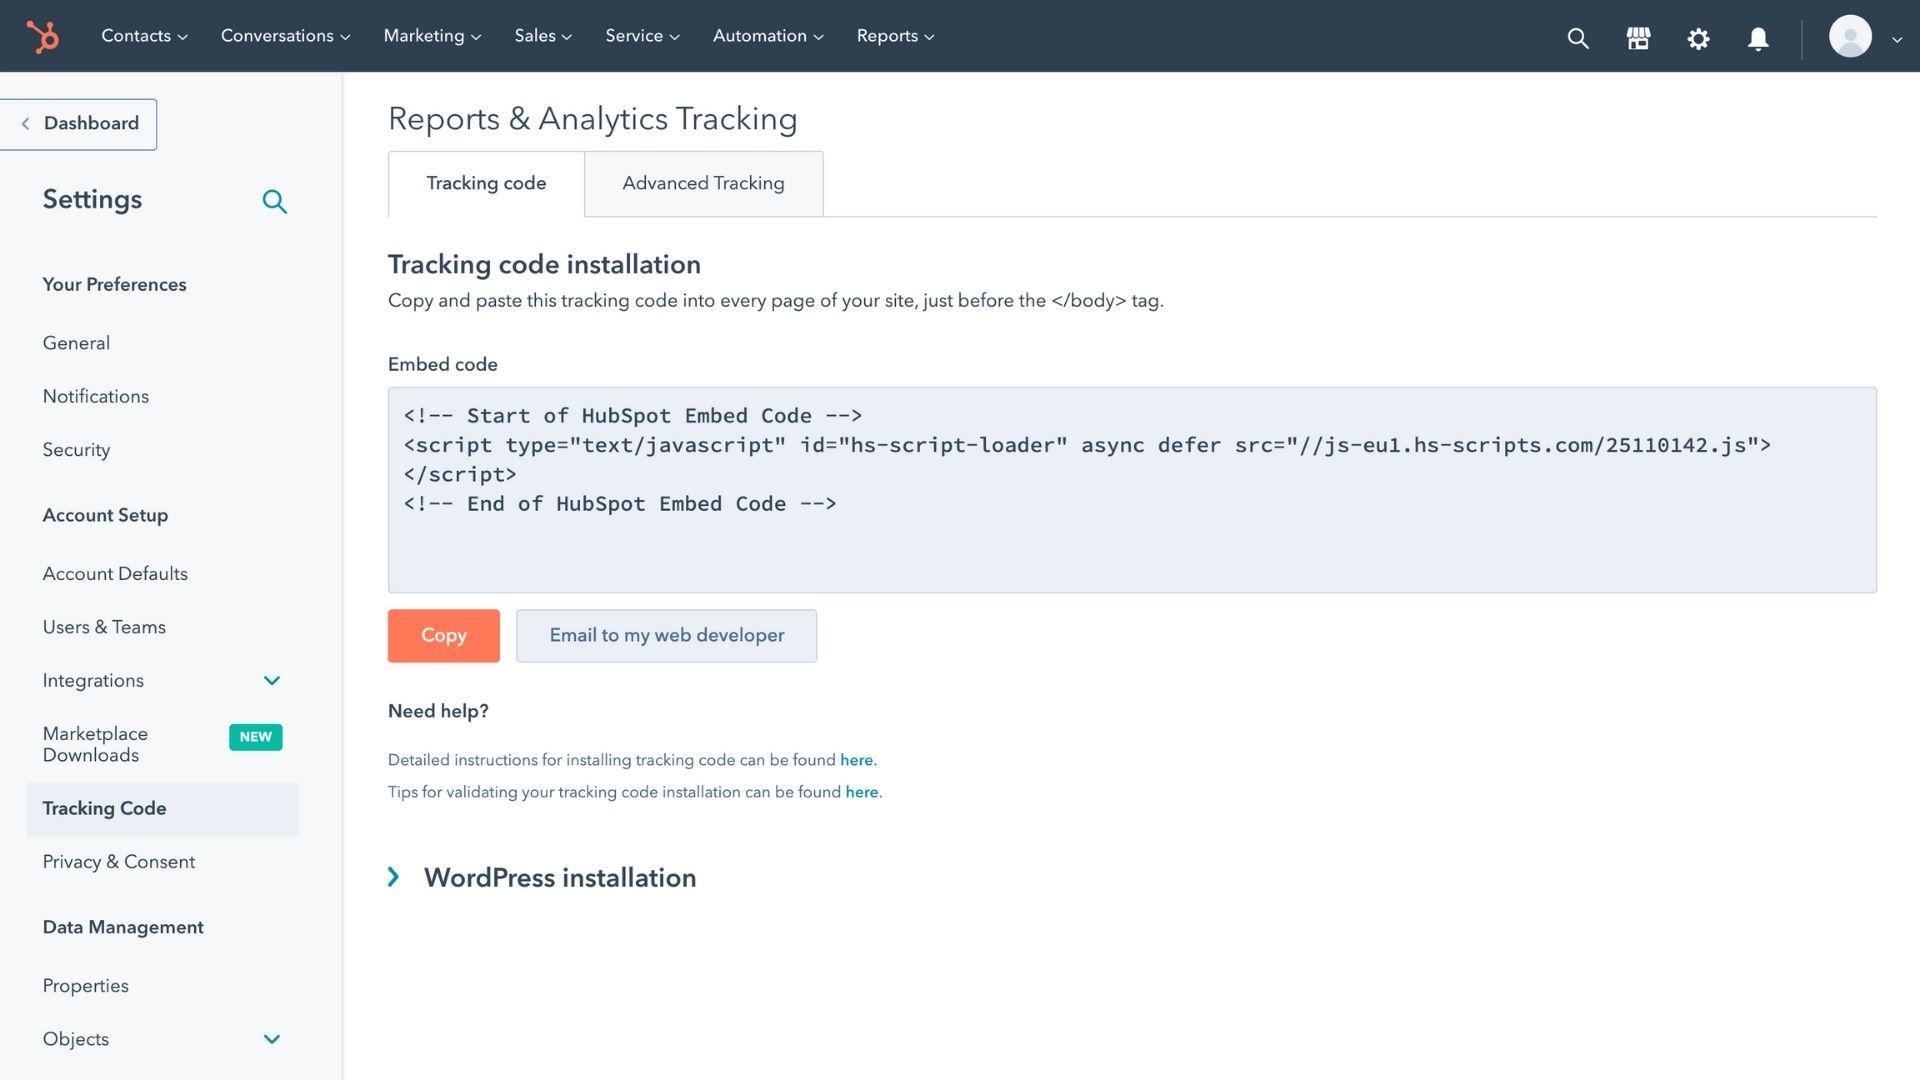 HubSpot's analytics dashboard